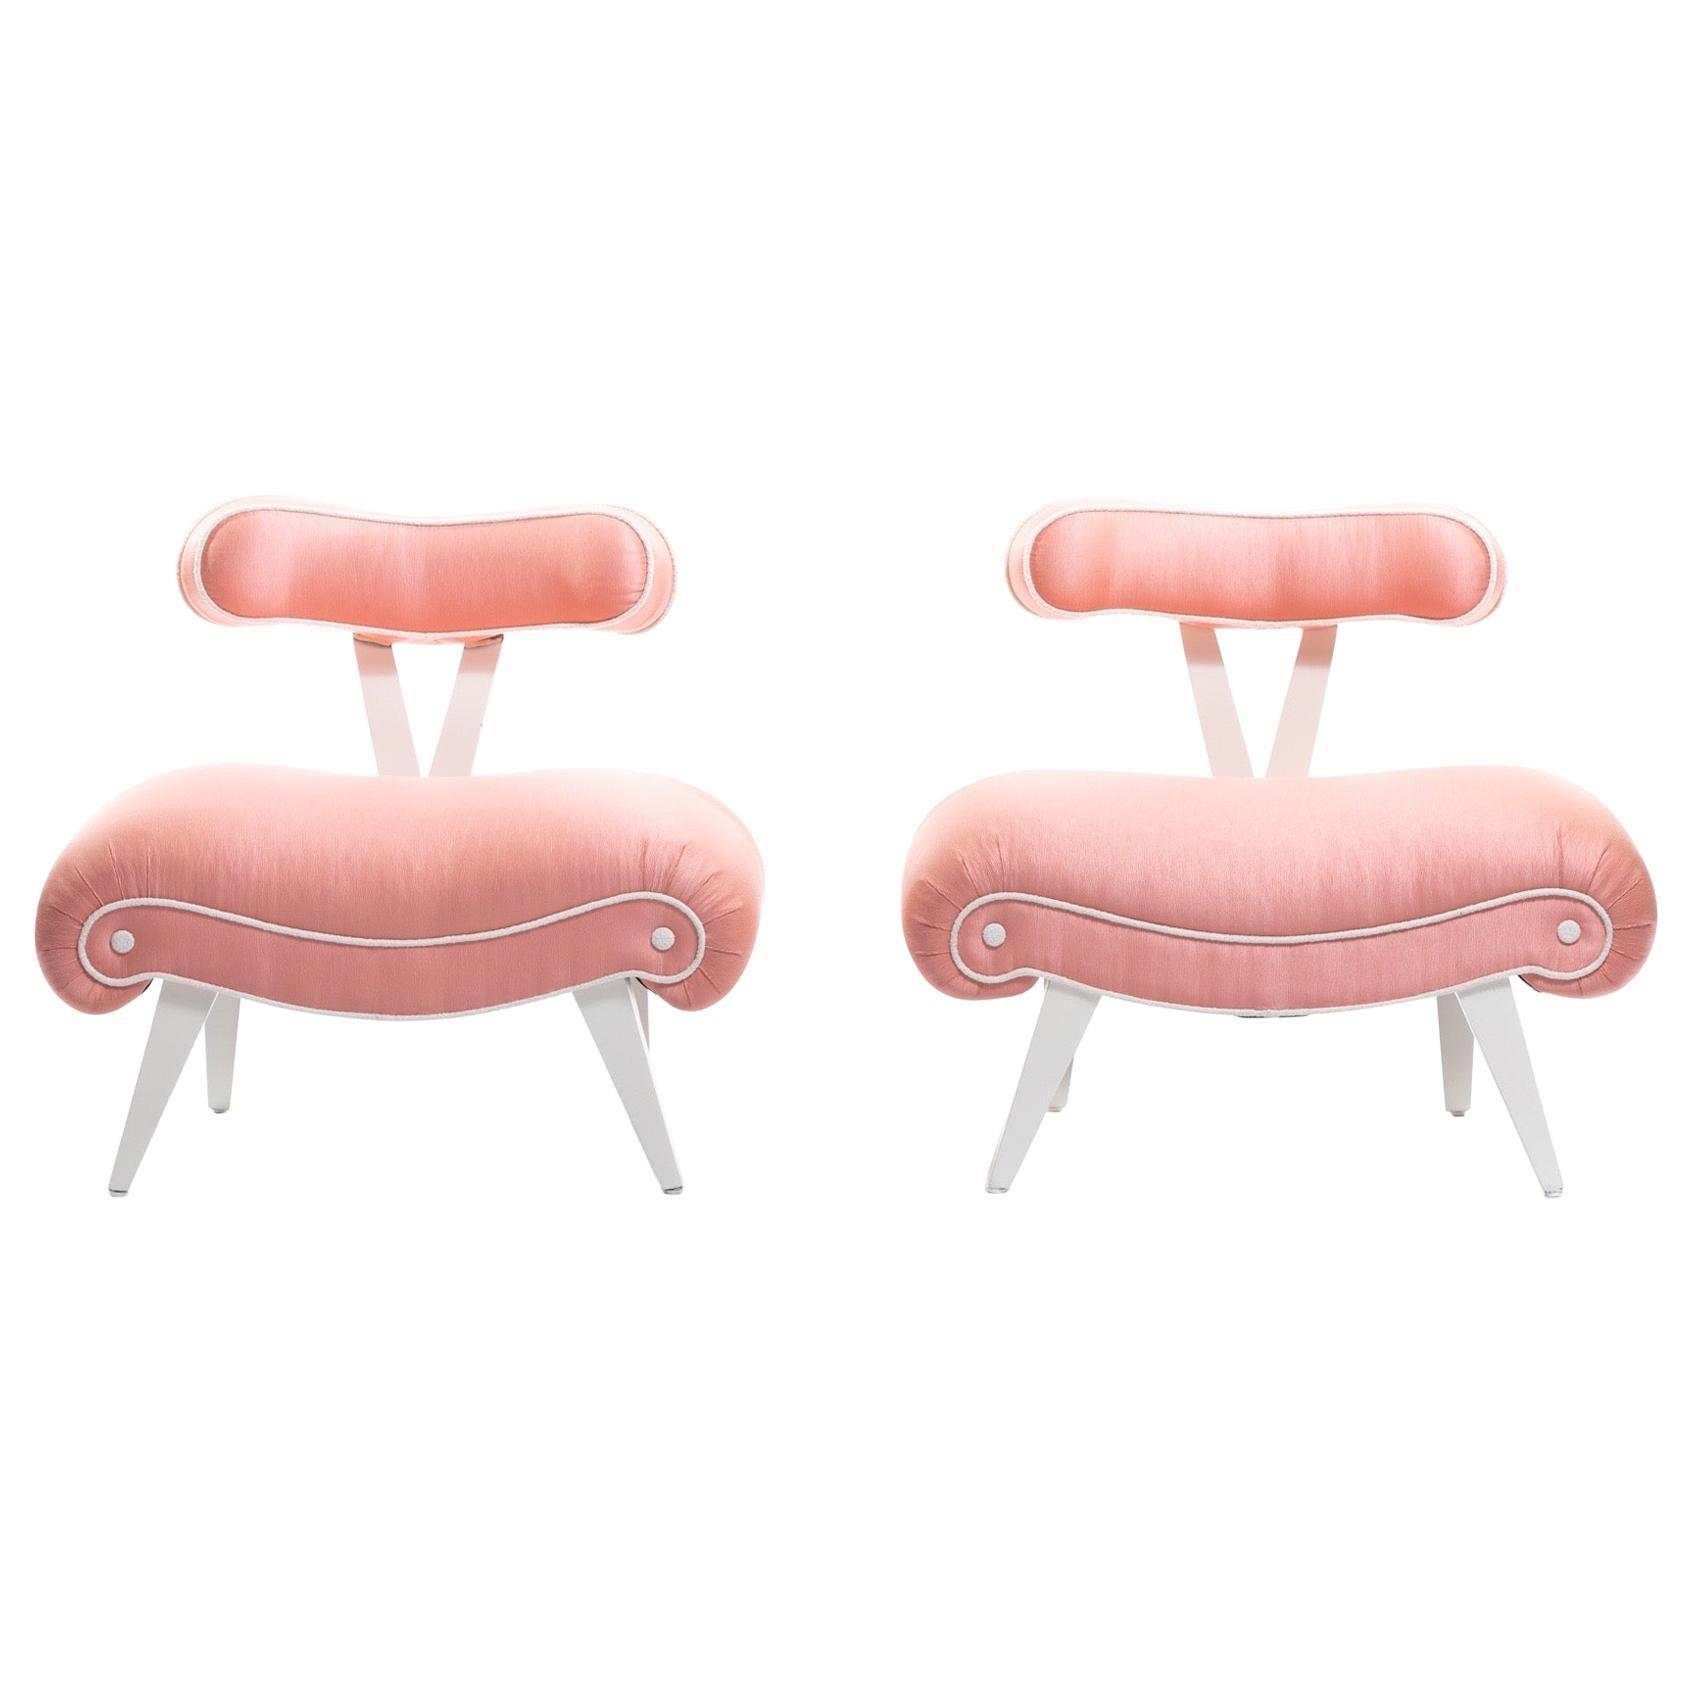 Pair of Blush Pink Peach Grosfeld House Slipper Chairs, circa 1940s